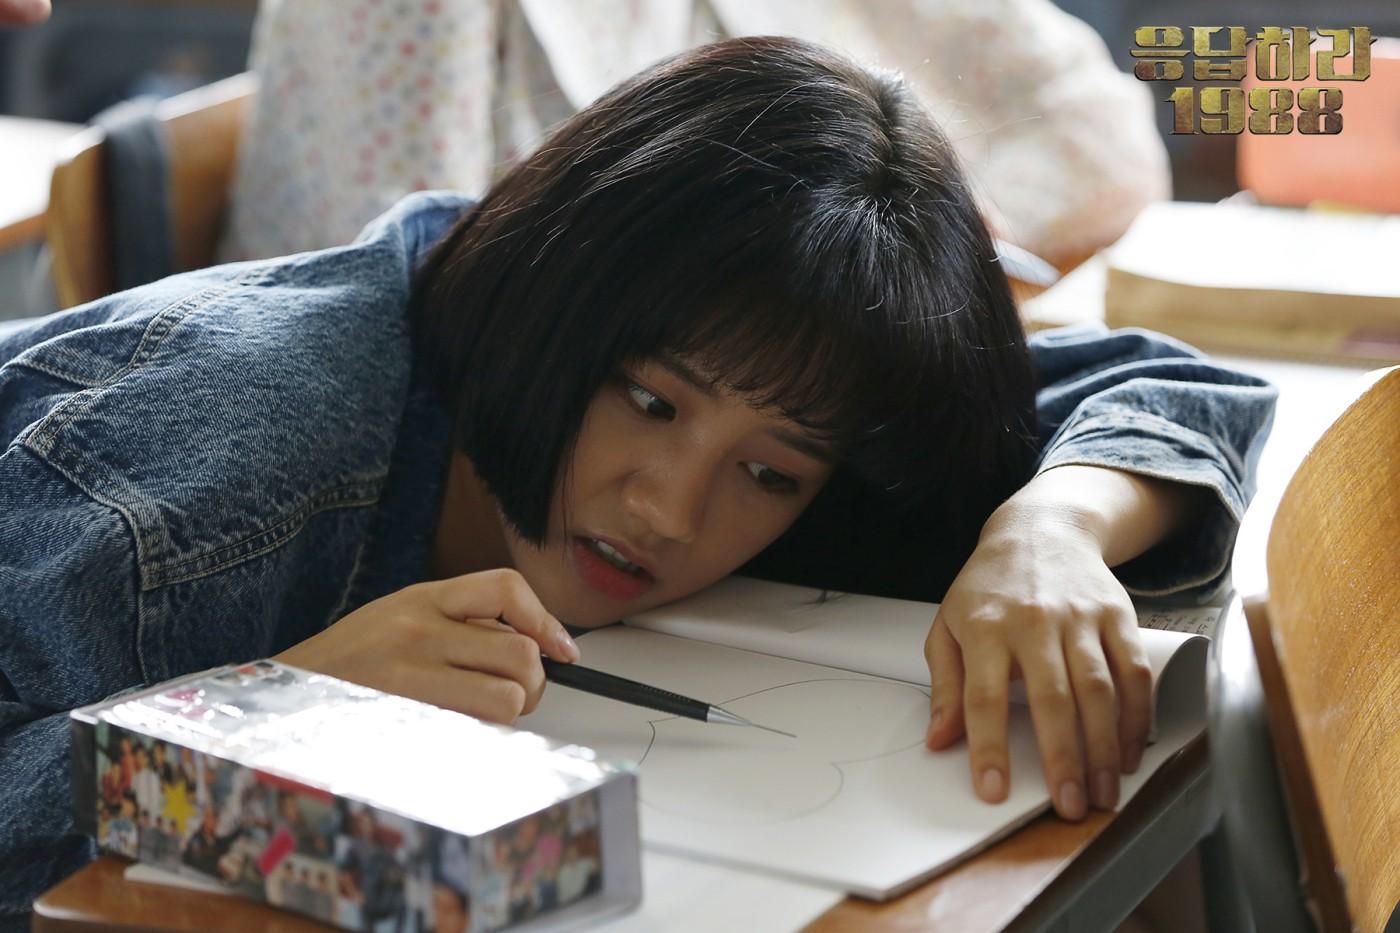 Hội idol Kpop debut để hát nhưng nên... làm nghề khác thì hơn (P.2) - Ảnh 1.